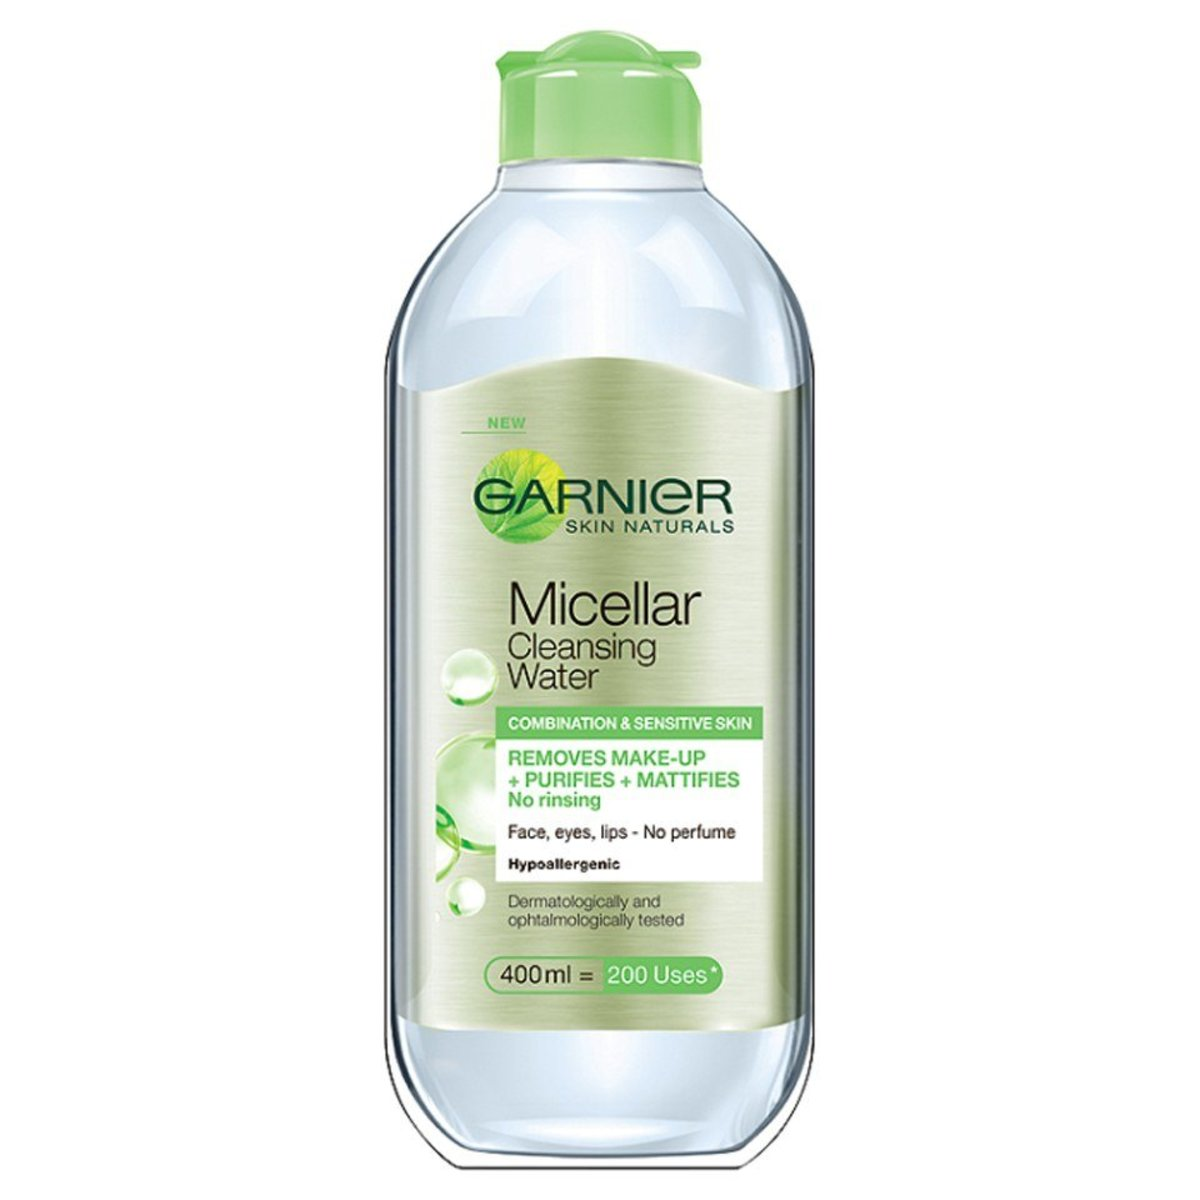 卸妝水 400ml (適合混合性和敏感肌膚) (3600541594852)